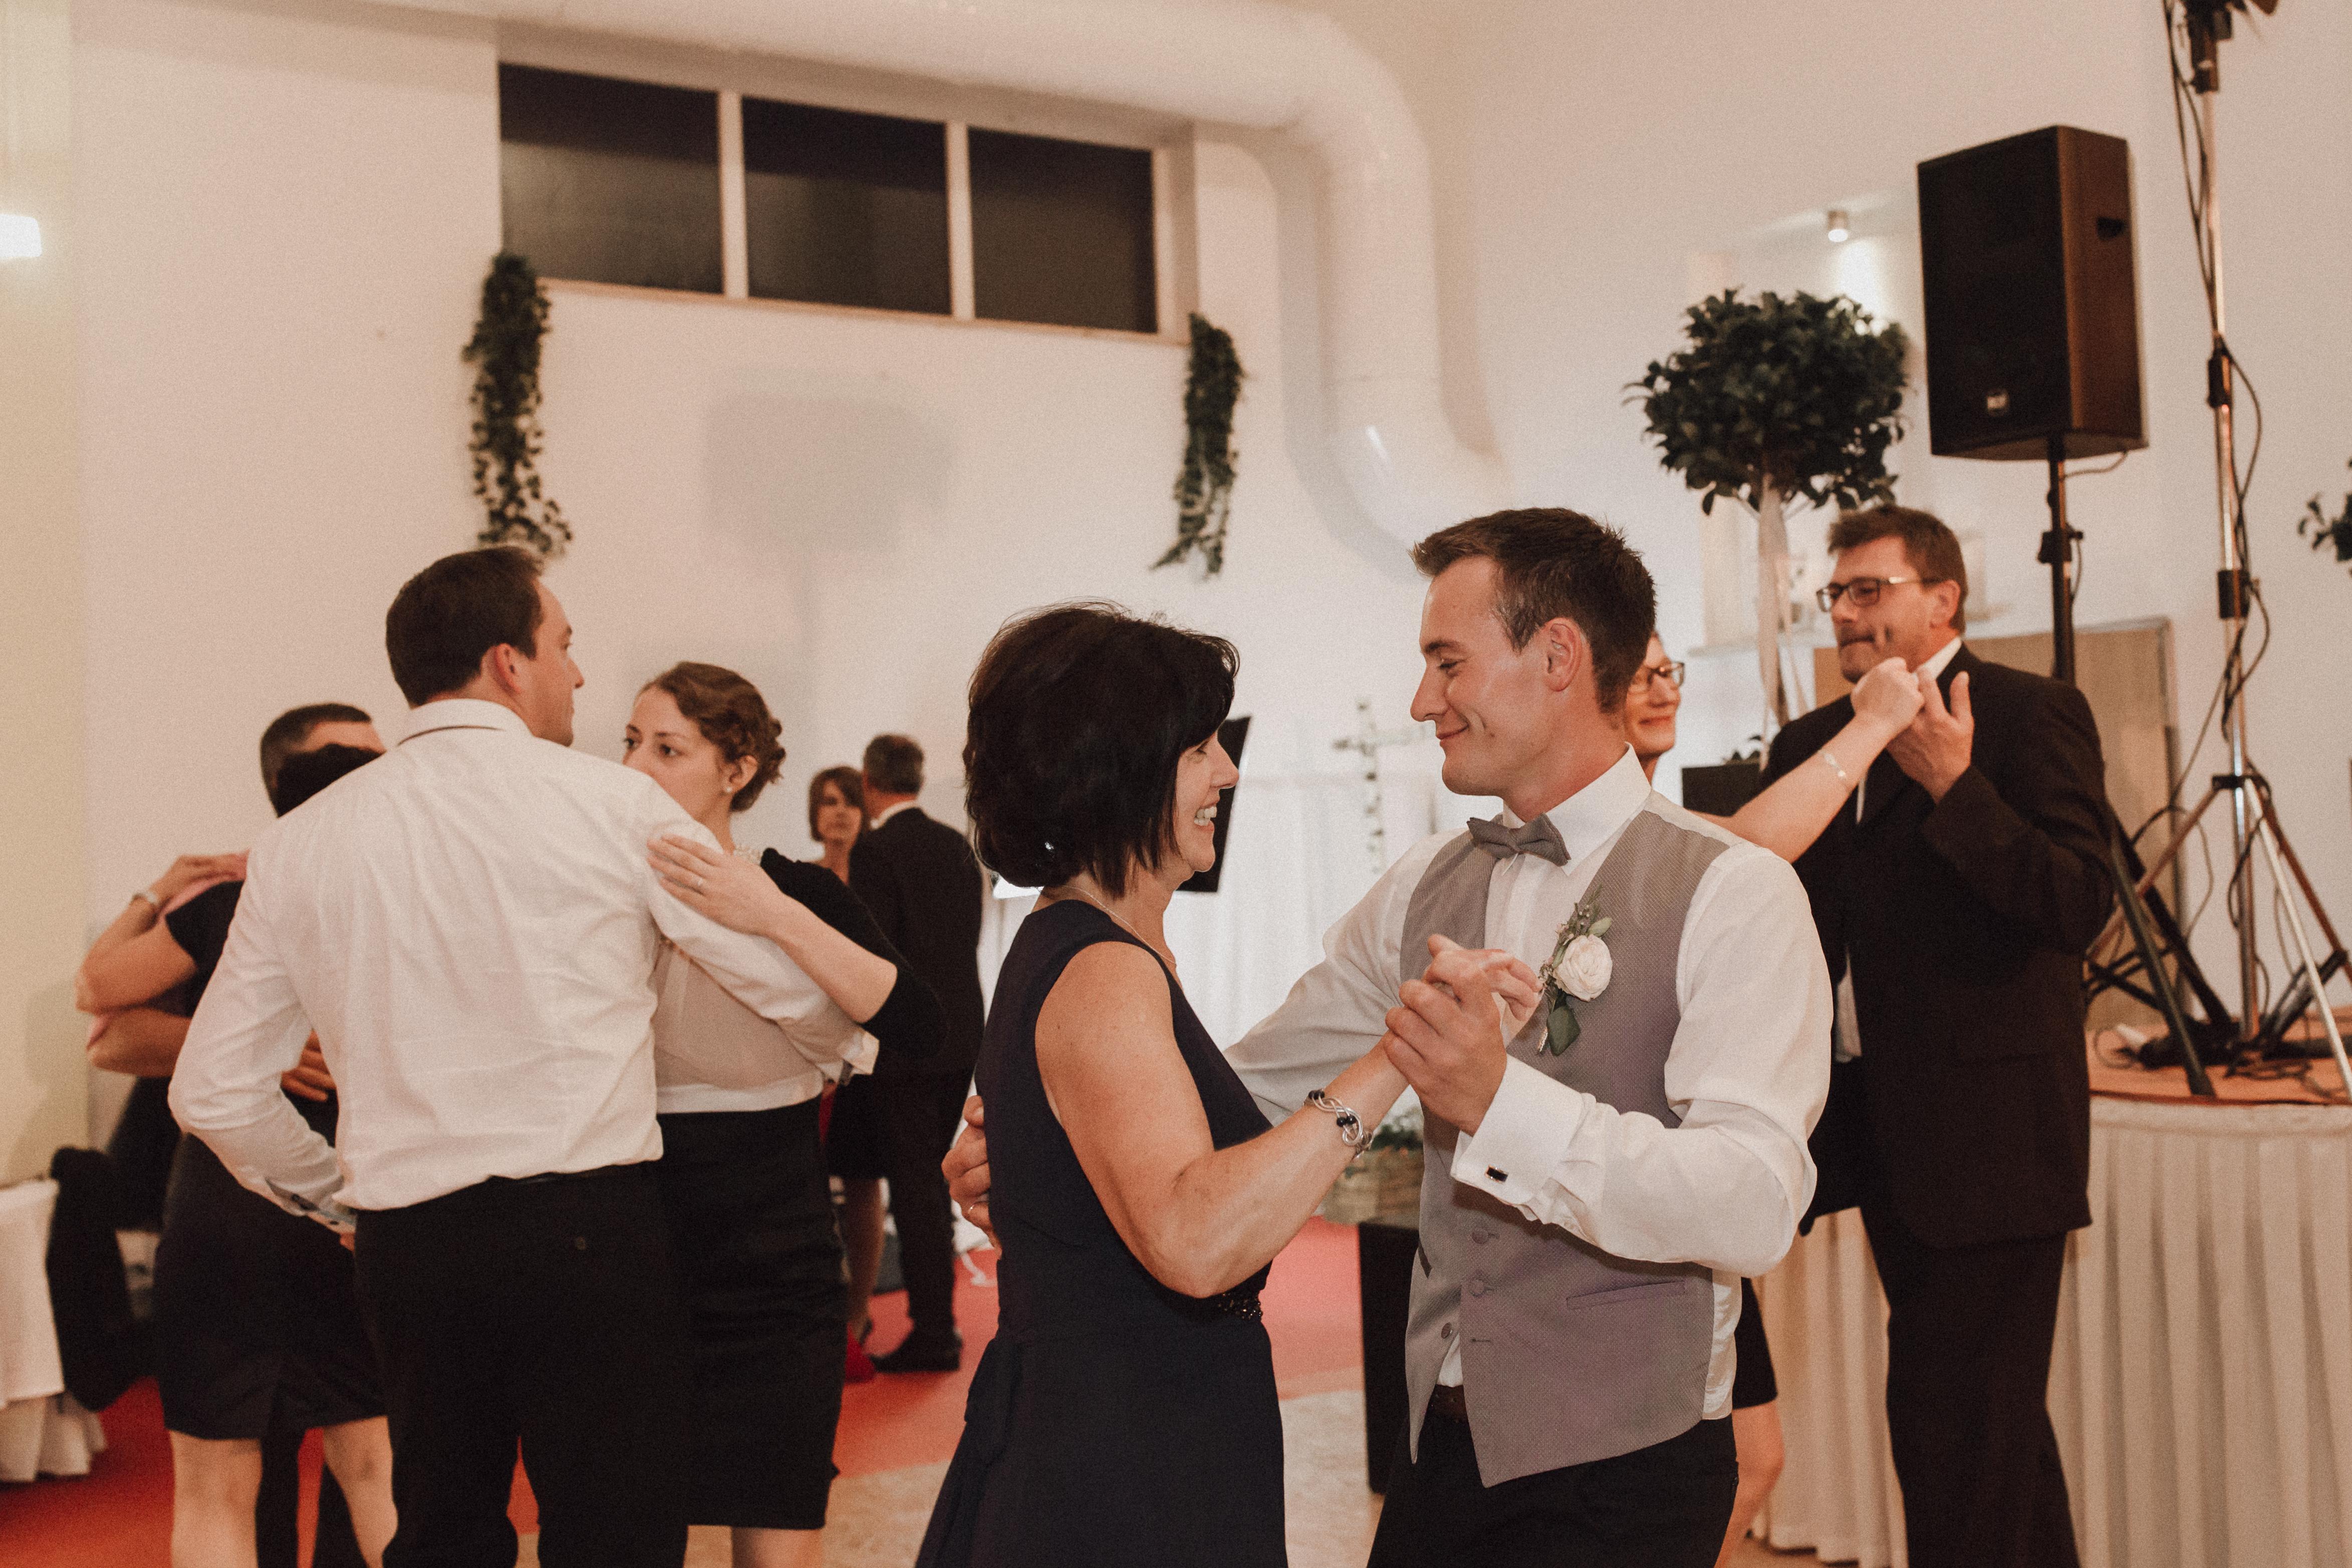 URBANERIE_Daniela_Goth_Hochzeitsfotografin_Nürnberg_Fürth_Erlangen_Schwabach_170909_0115